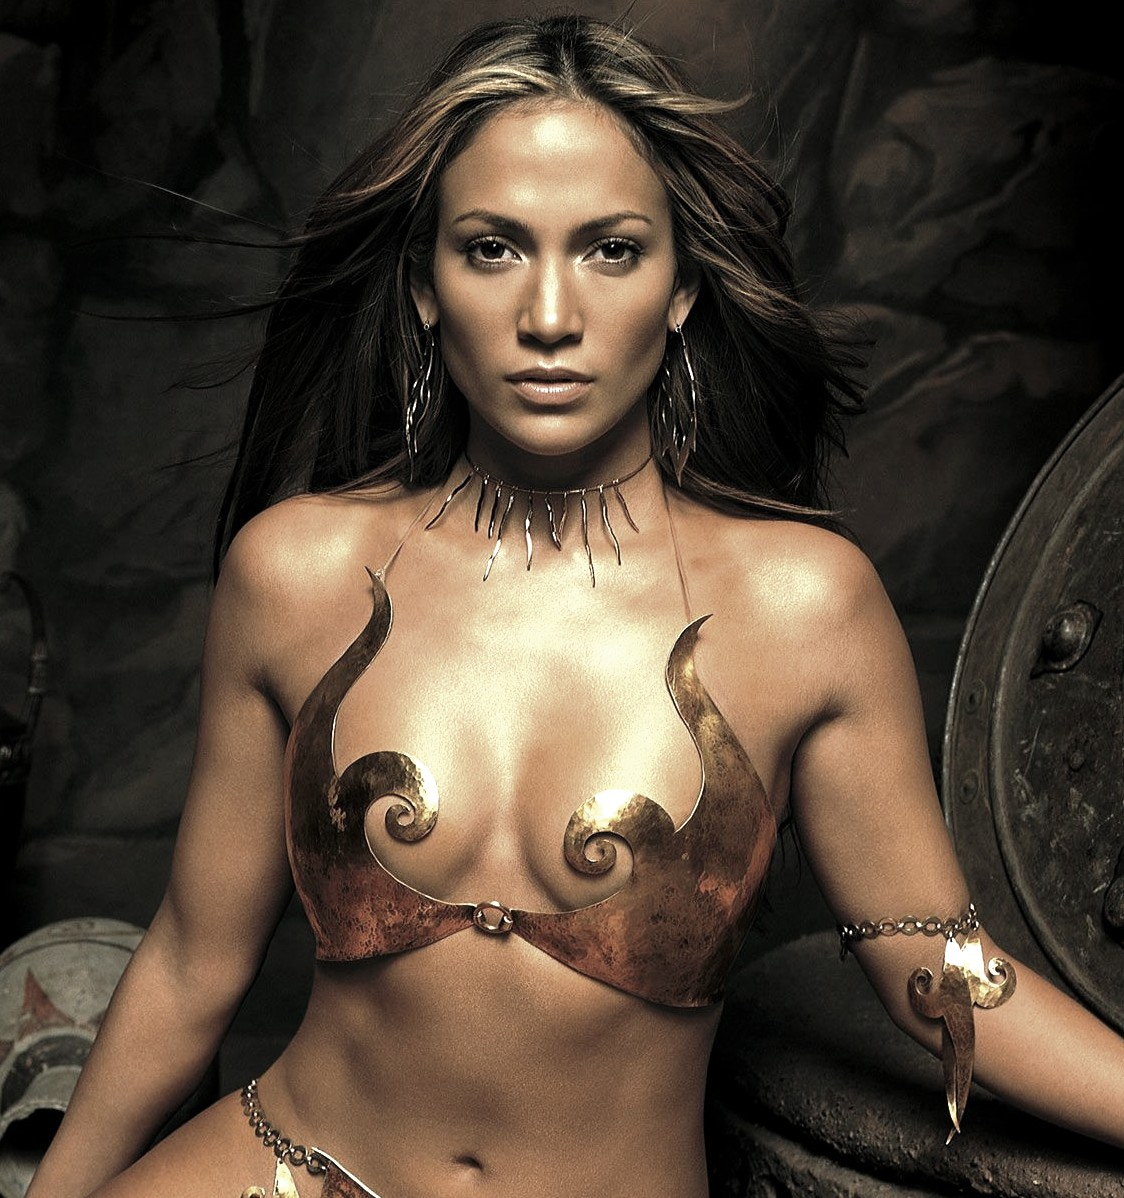 http://1.bp.blogspot.com/-48597UfA4FE/TjSfIYMVIYI/AAAAAAAAA1s/dmsf7kXwGt4/s1600/Jennifer_Lopez_i+am+into+you.jpg